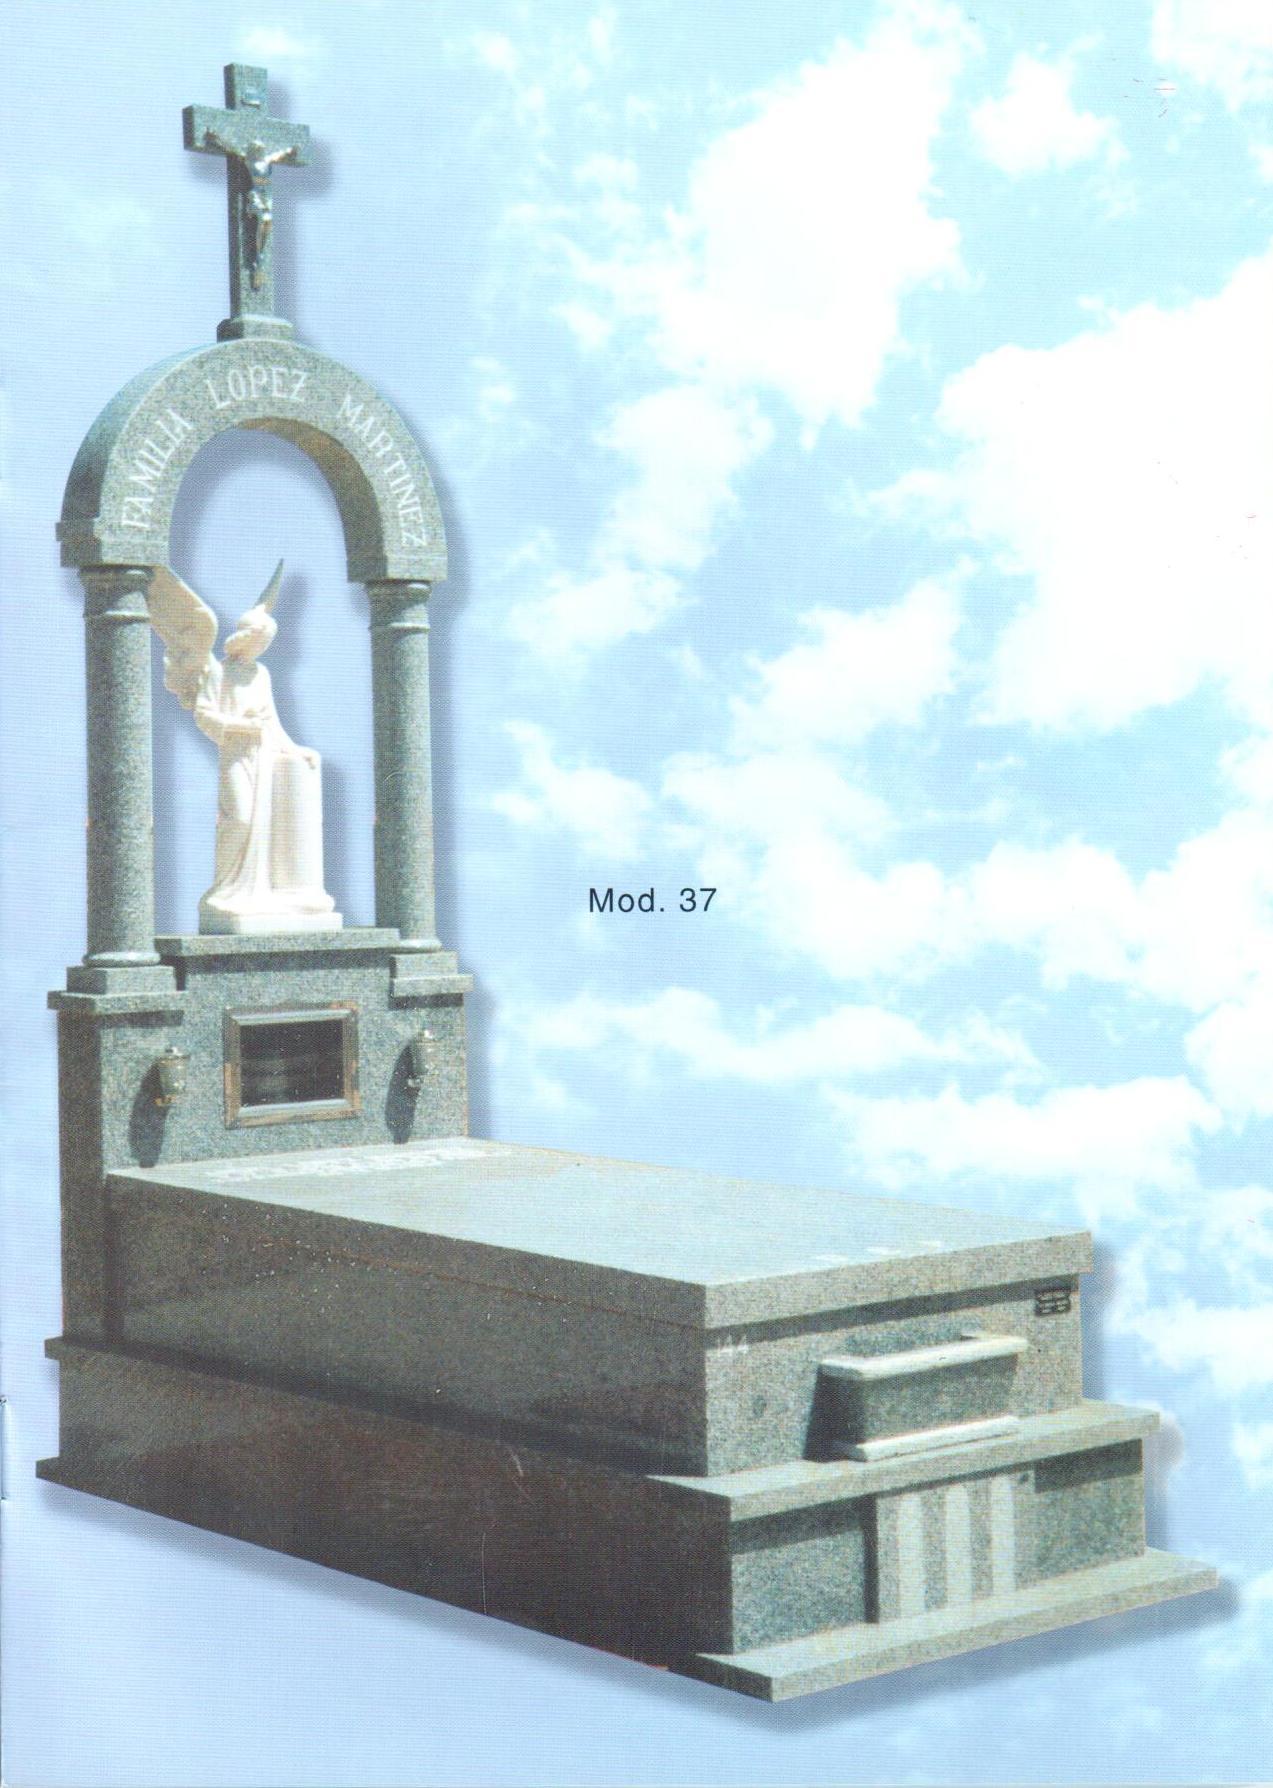 MOD. 37